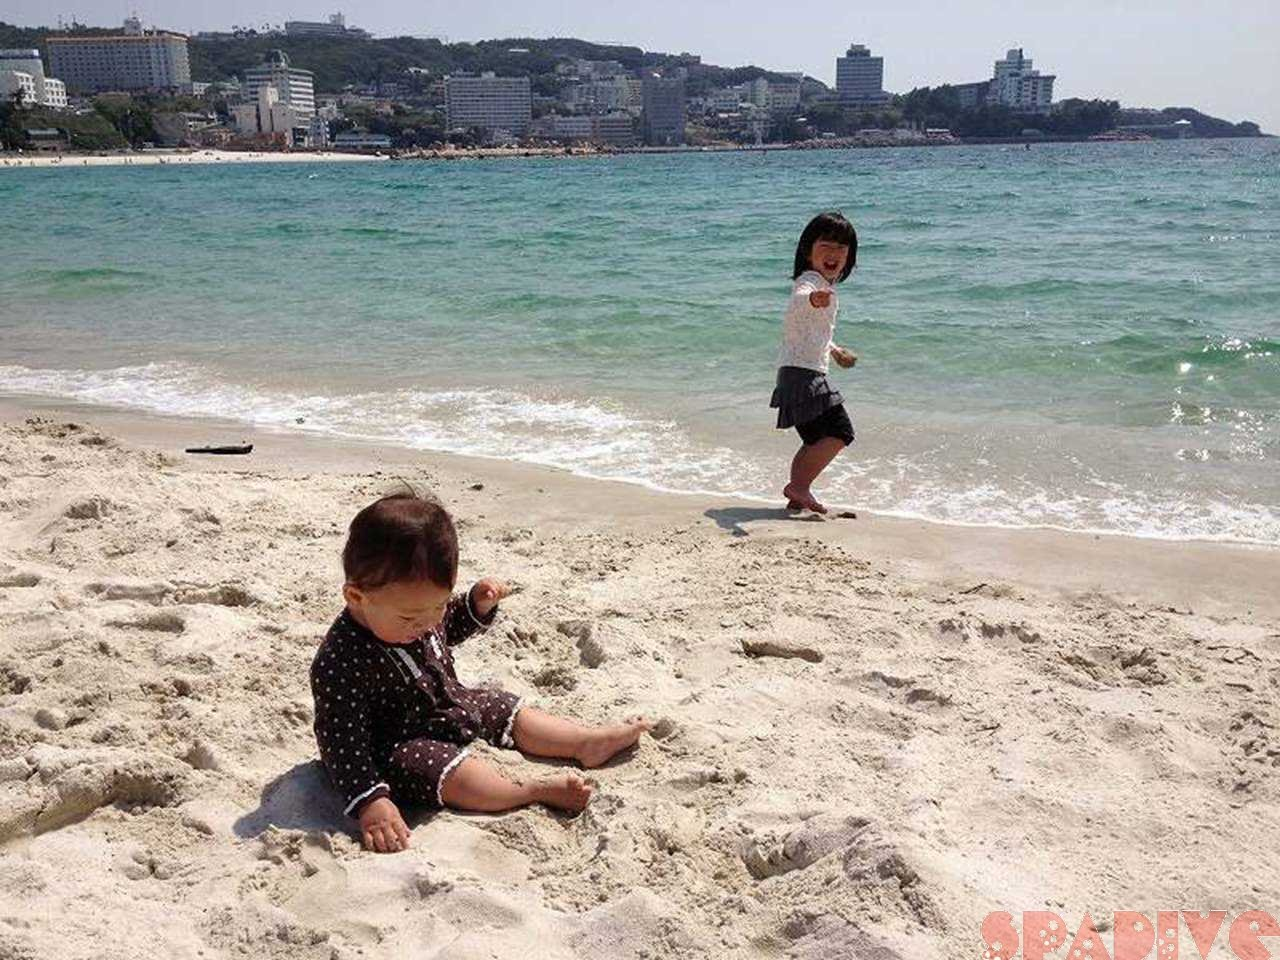 わが娘達と海水浴 まるでプライベートビーチ!?5/20/2013白良浜